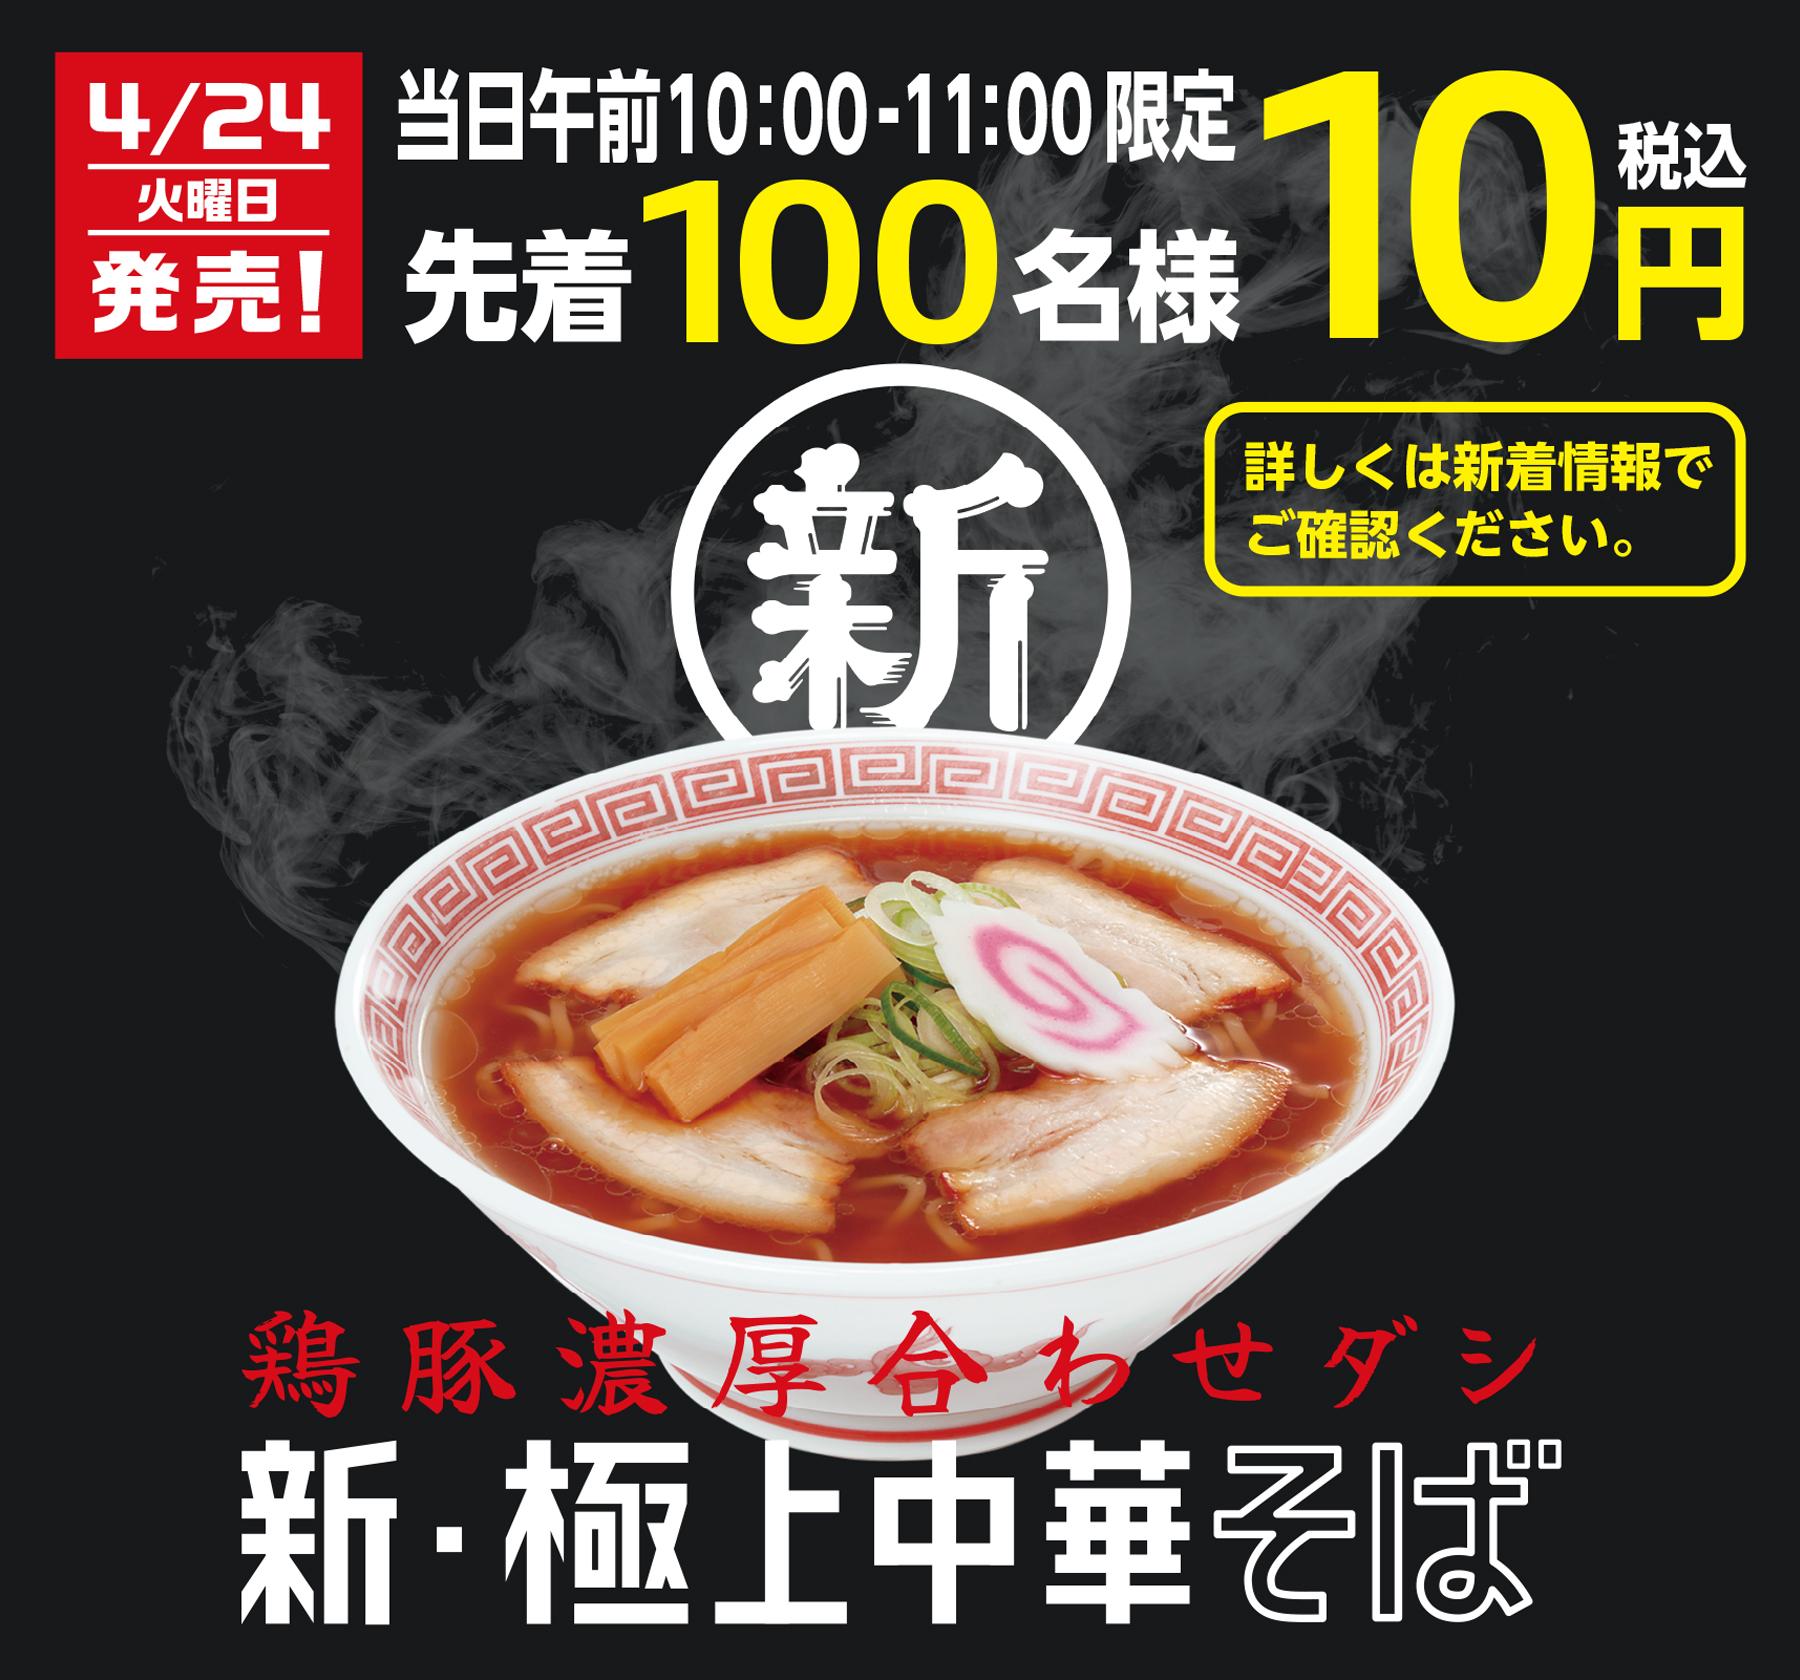 ラーメンの幸楽苑が新発売「新・極上中華そば」421円を10円で販売予定。各店舗先着100名、4/24 10-11時限定。